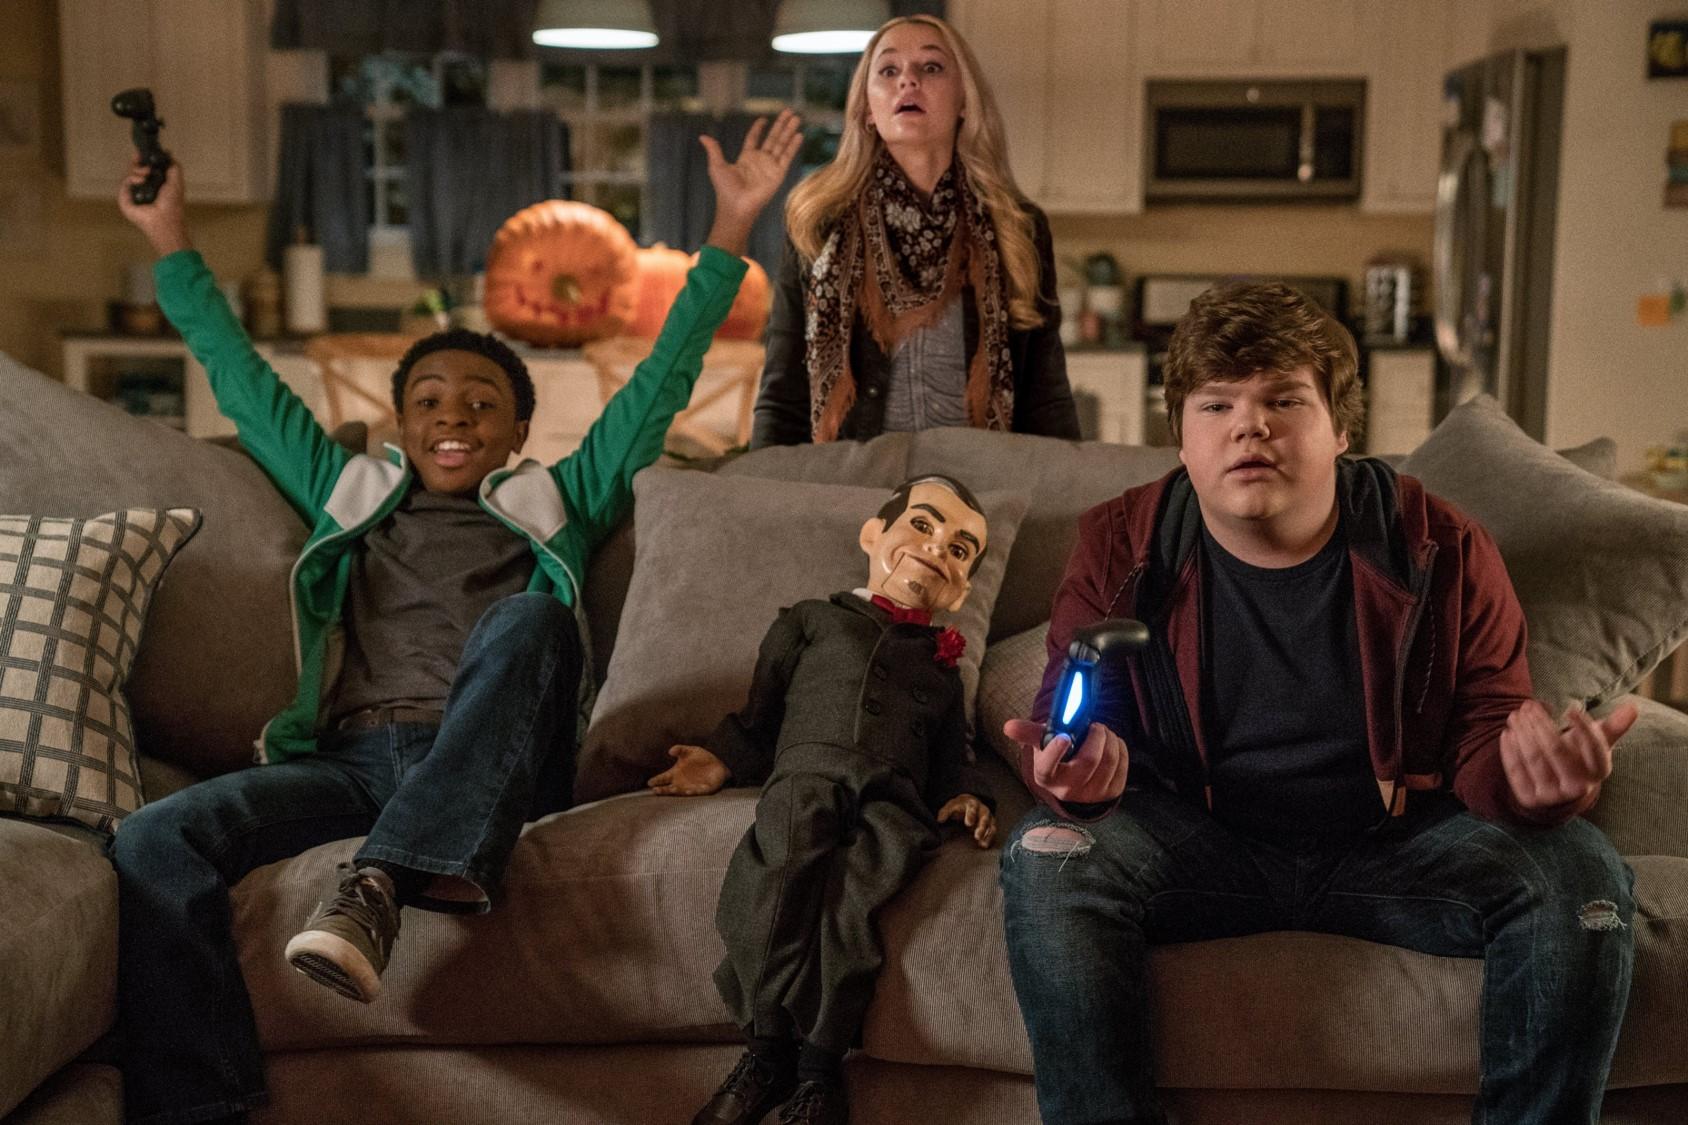 27d01d67d Ak ste si zamilovali film Jumanji: Vitajte v džungli a máte radi Halloween,  určite nevynechajte film Husia koža 2: Strašidelný Halloween, ktorý bude  mať ...